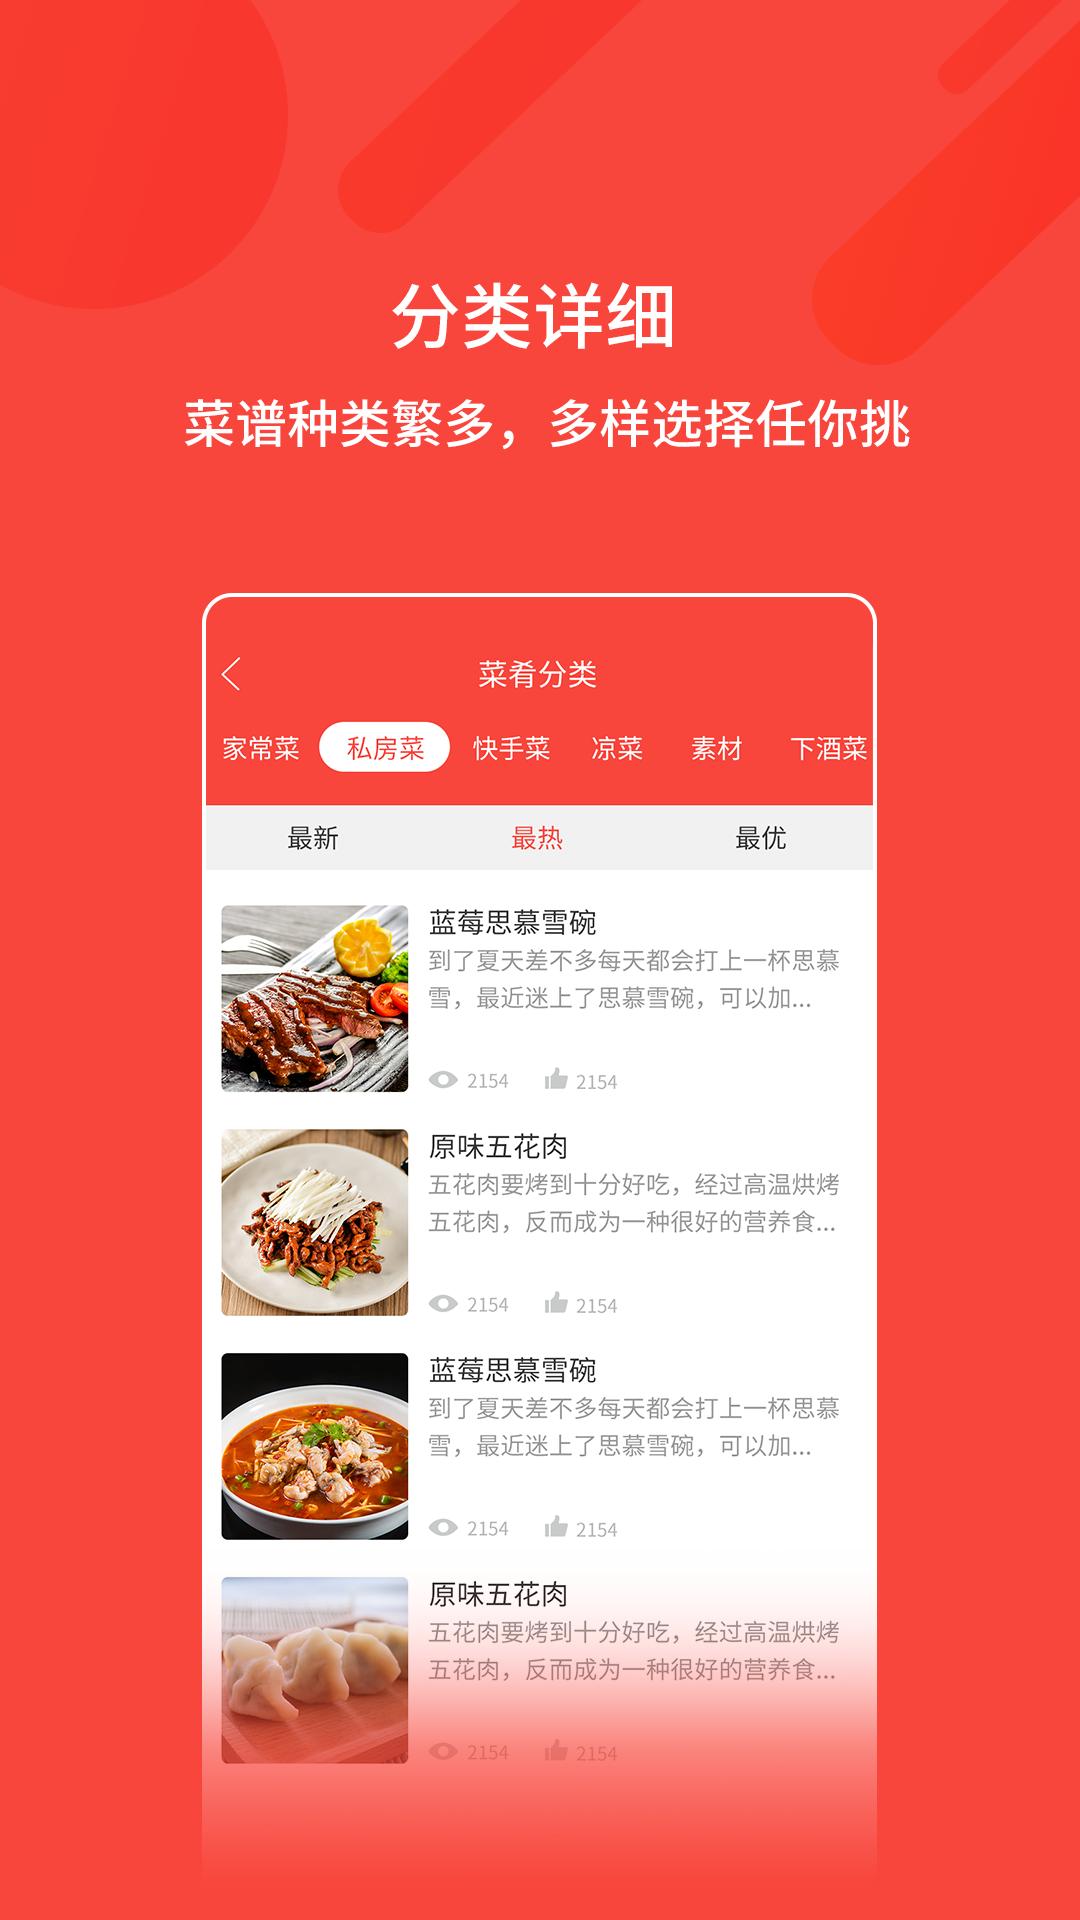 厨神厨房 V1.1.2 安卓版截图4